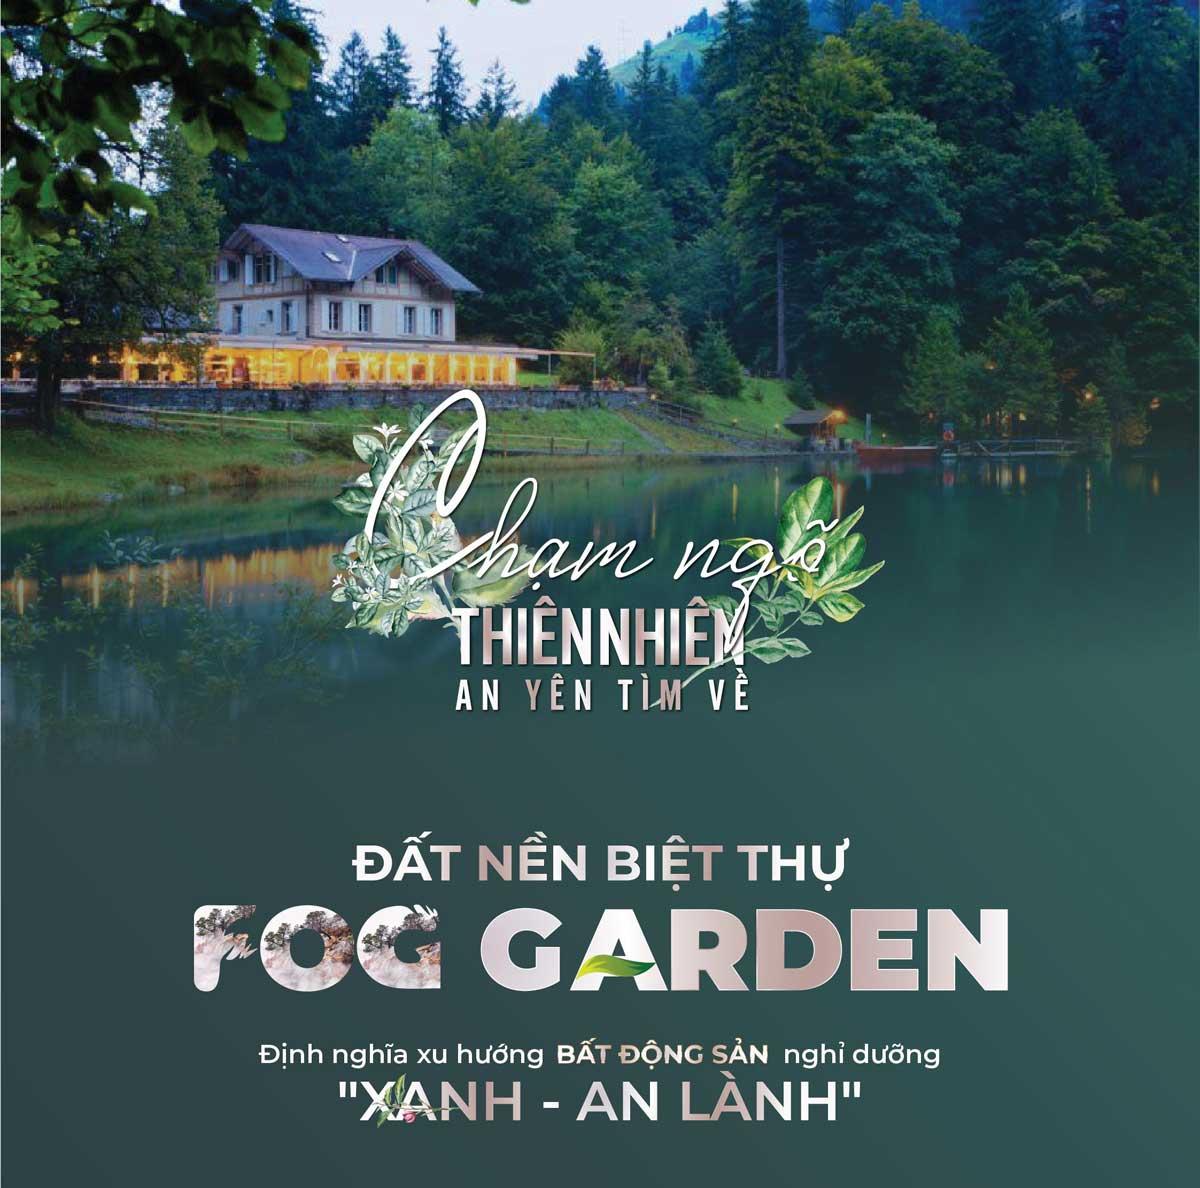 fog garden bao loc - CÁC DỰ ÁN ĐẤT NỀN BẢO LỘC ĐANG TRIỂN KHAI